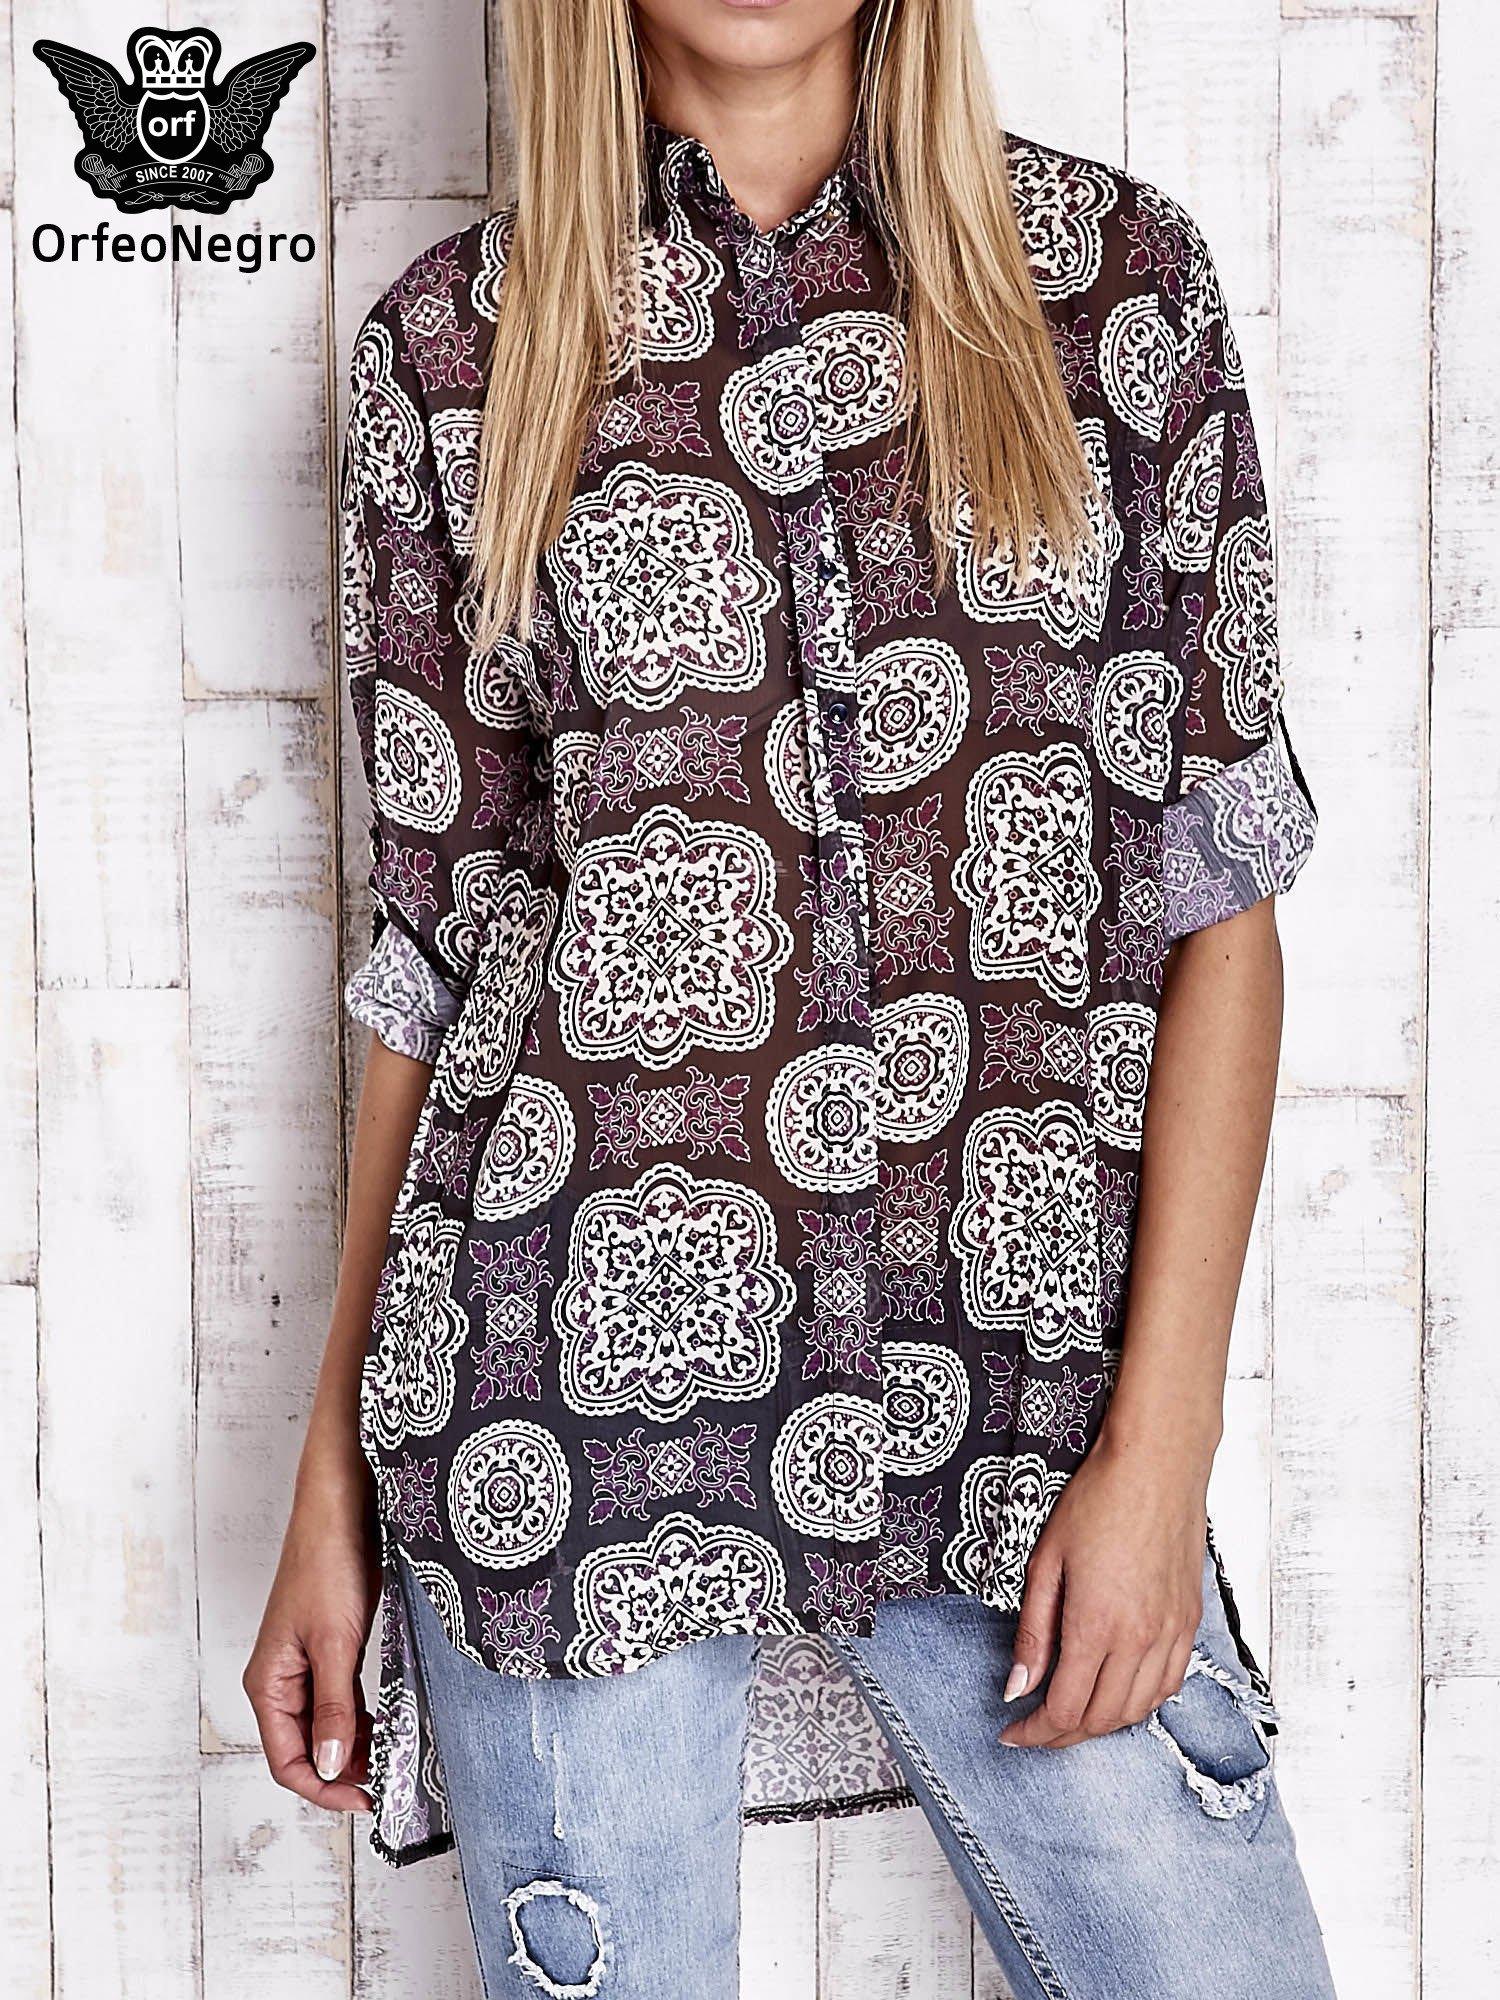 Fioletowa koszula w ornamenty kwiatowe                                  zdj.                                  1